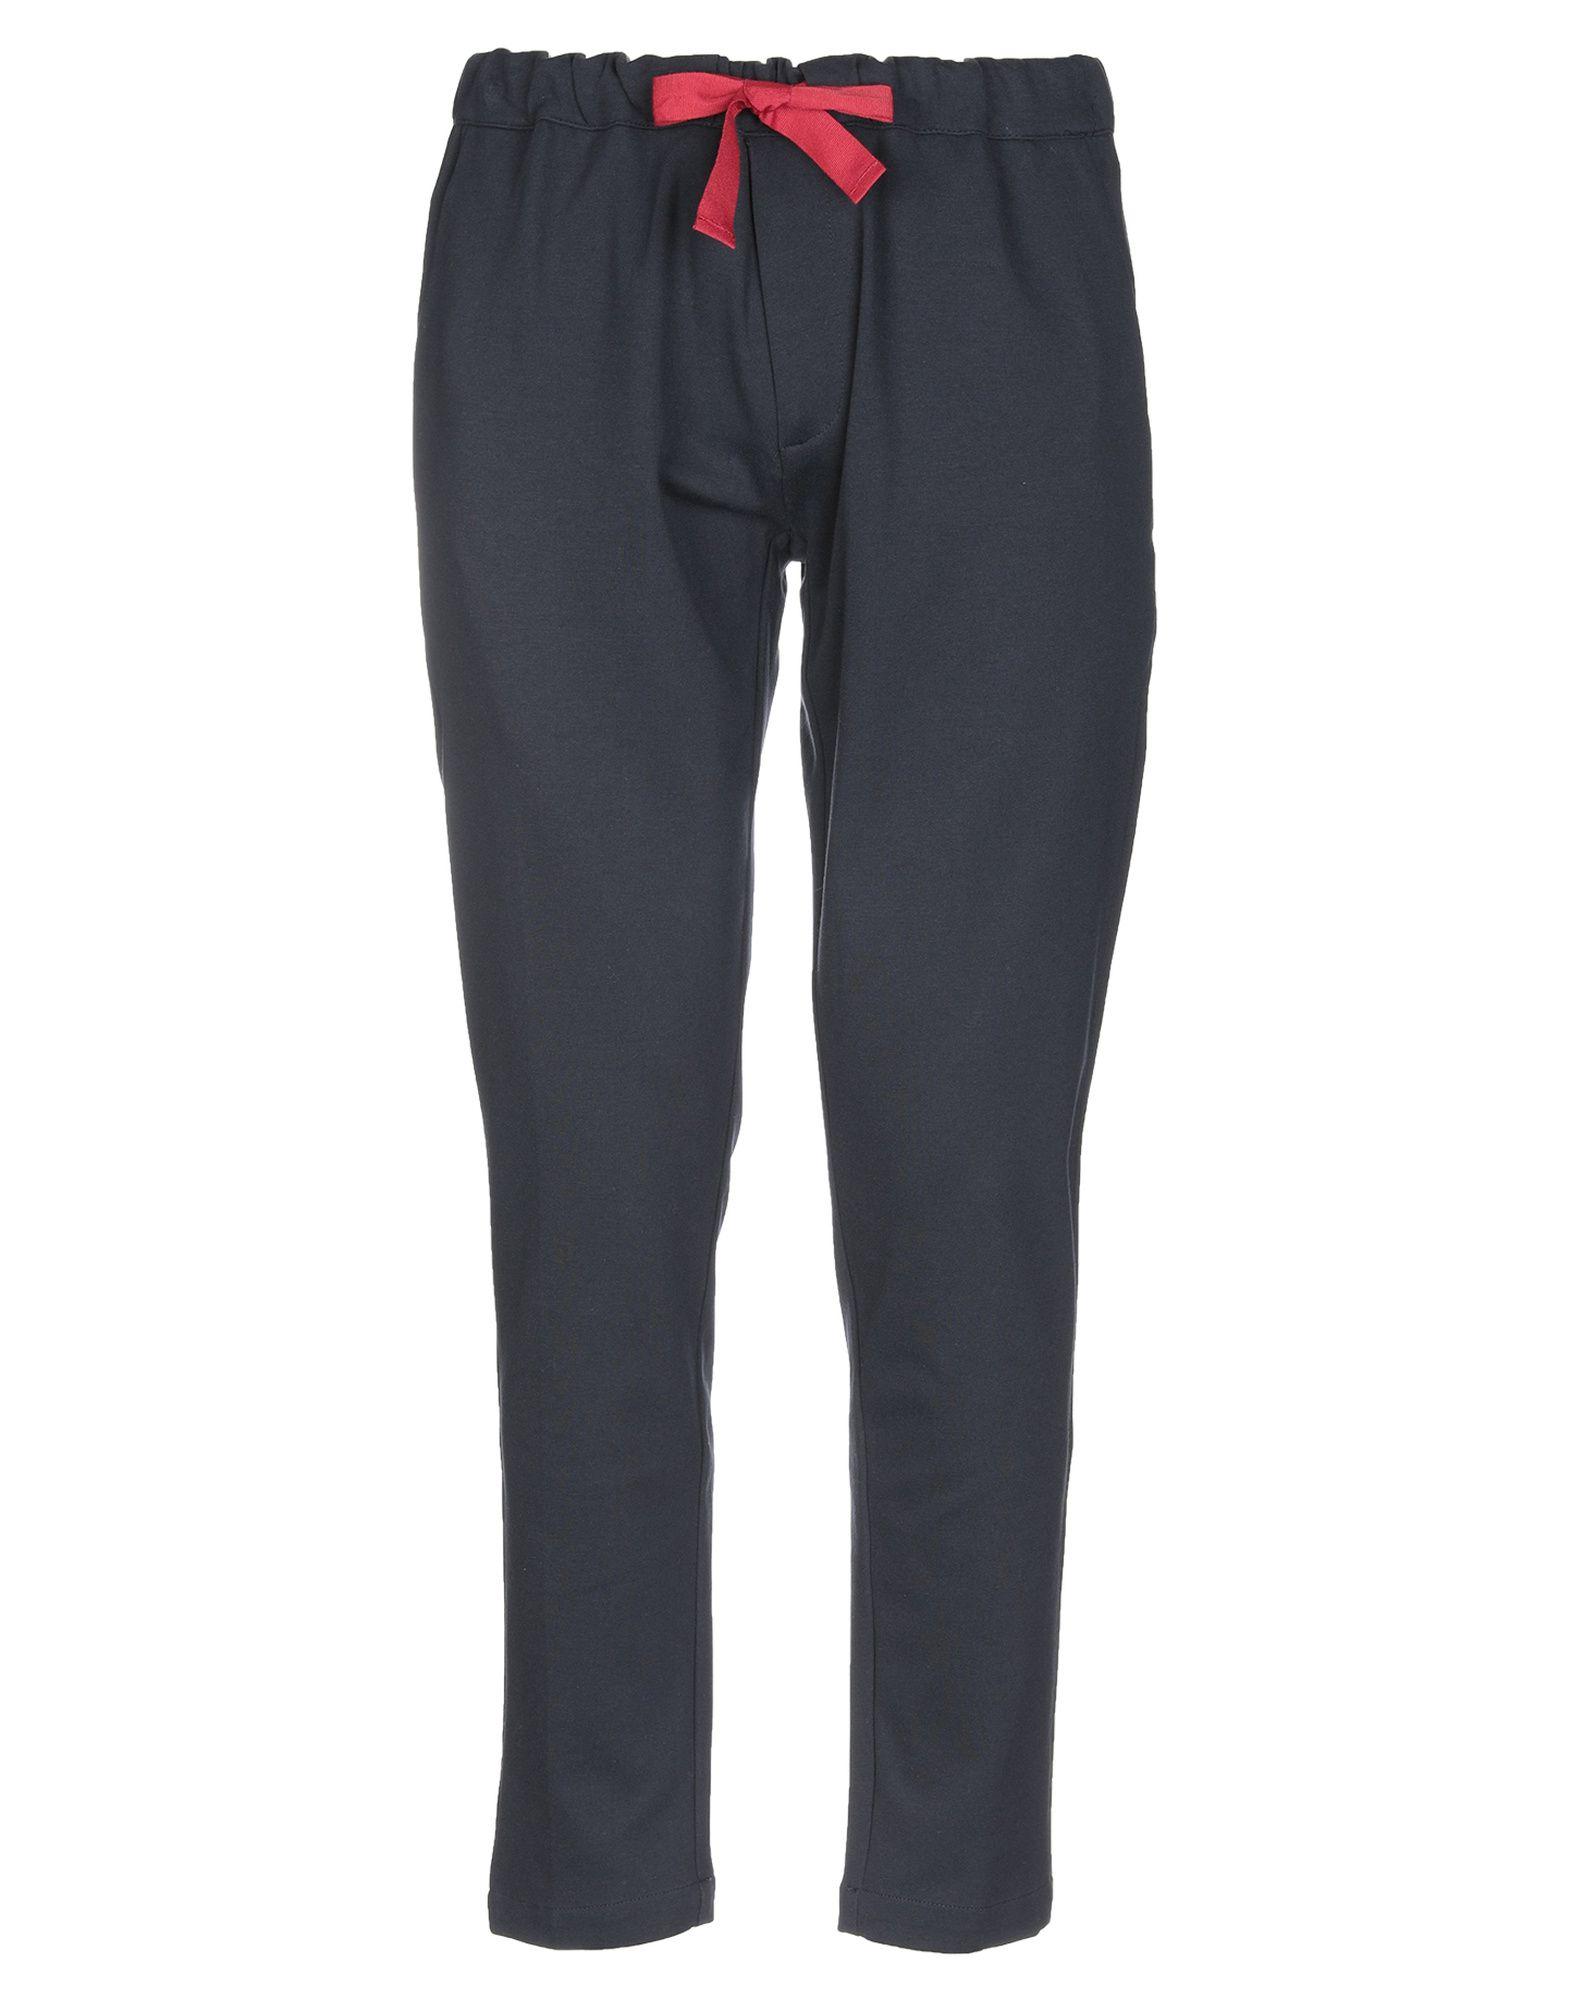 купить KOON Повседневные брюки по цене 1500 рублей